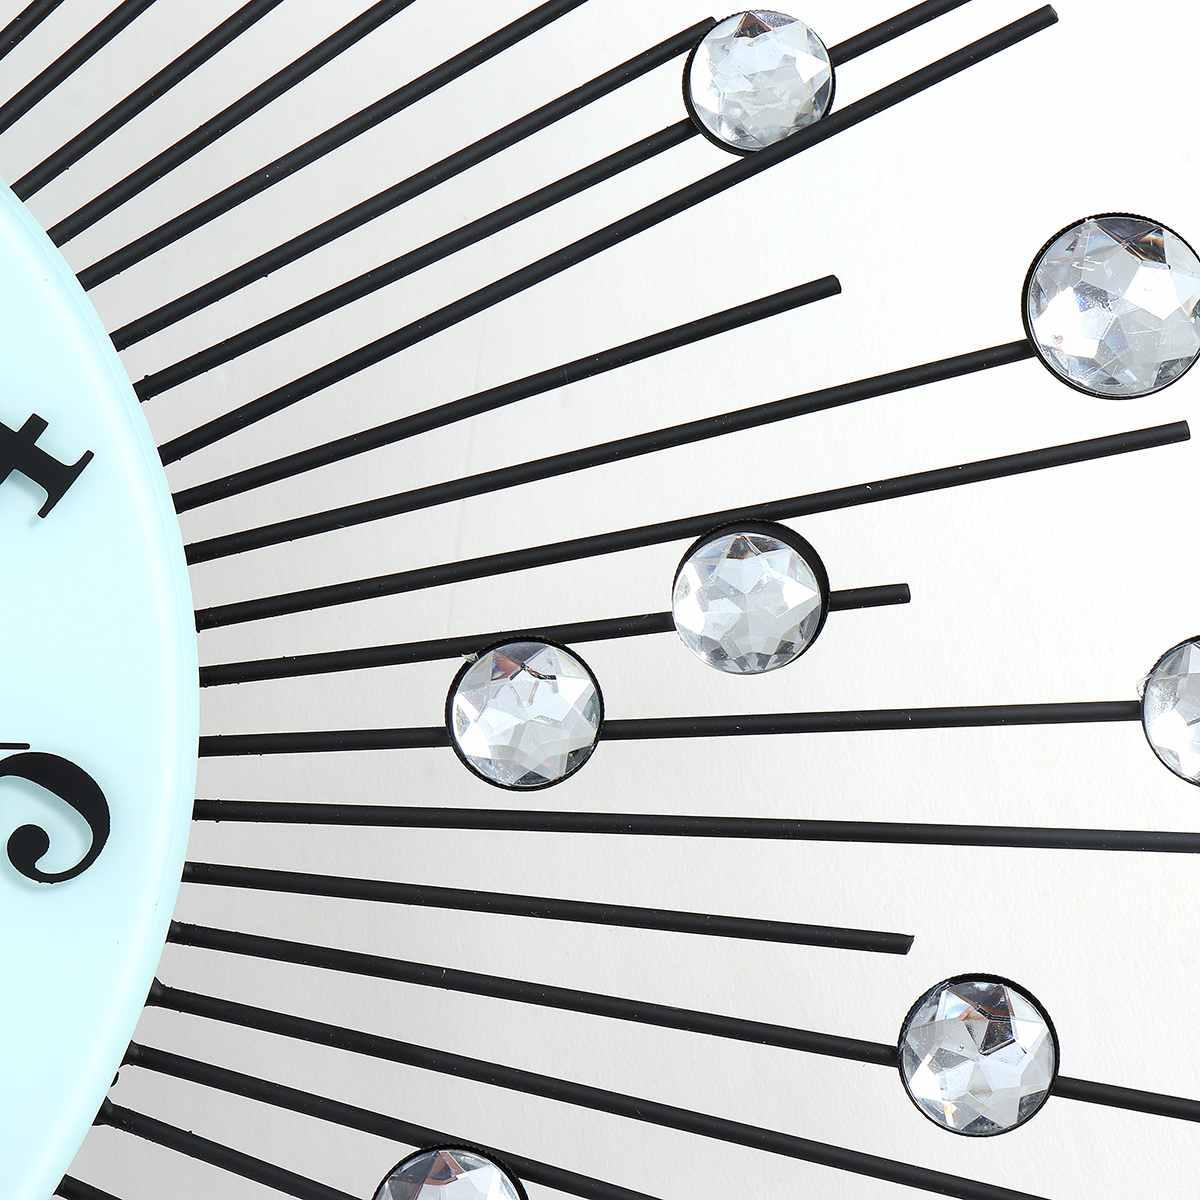 2019 luxe diamant horloge murale fer Art métal cristal 3D grande horloge murale ronde montre miroir diamant suspendus horloges décor à la maison - 6